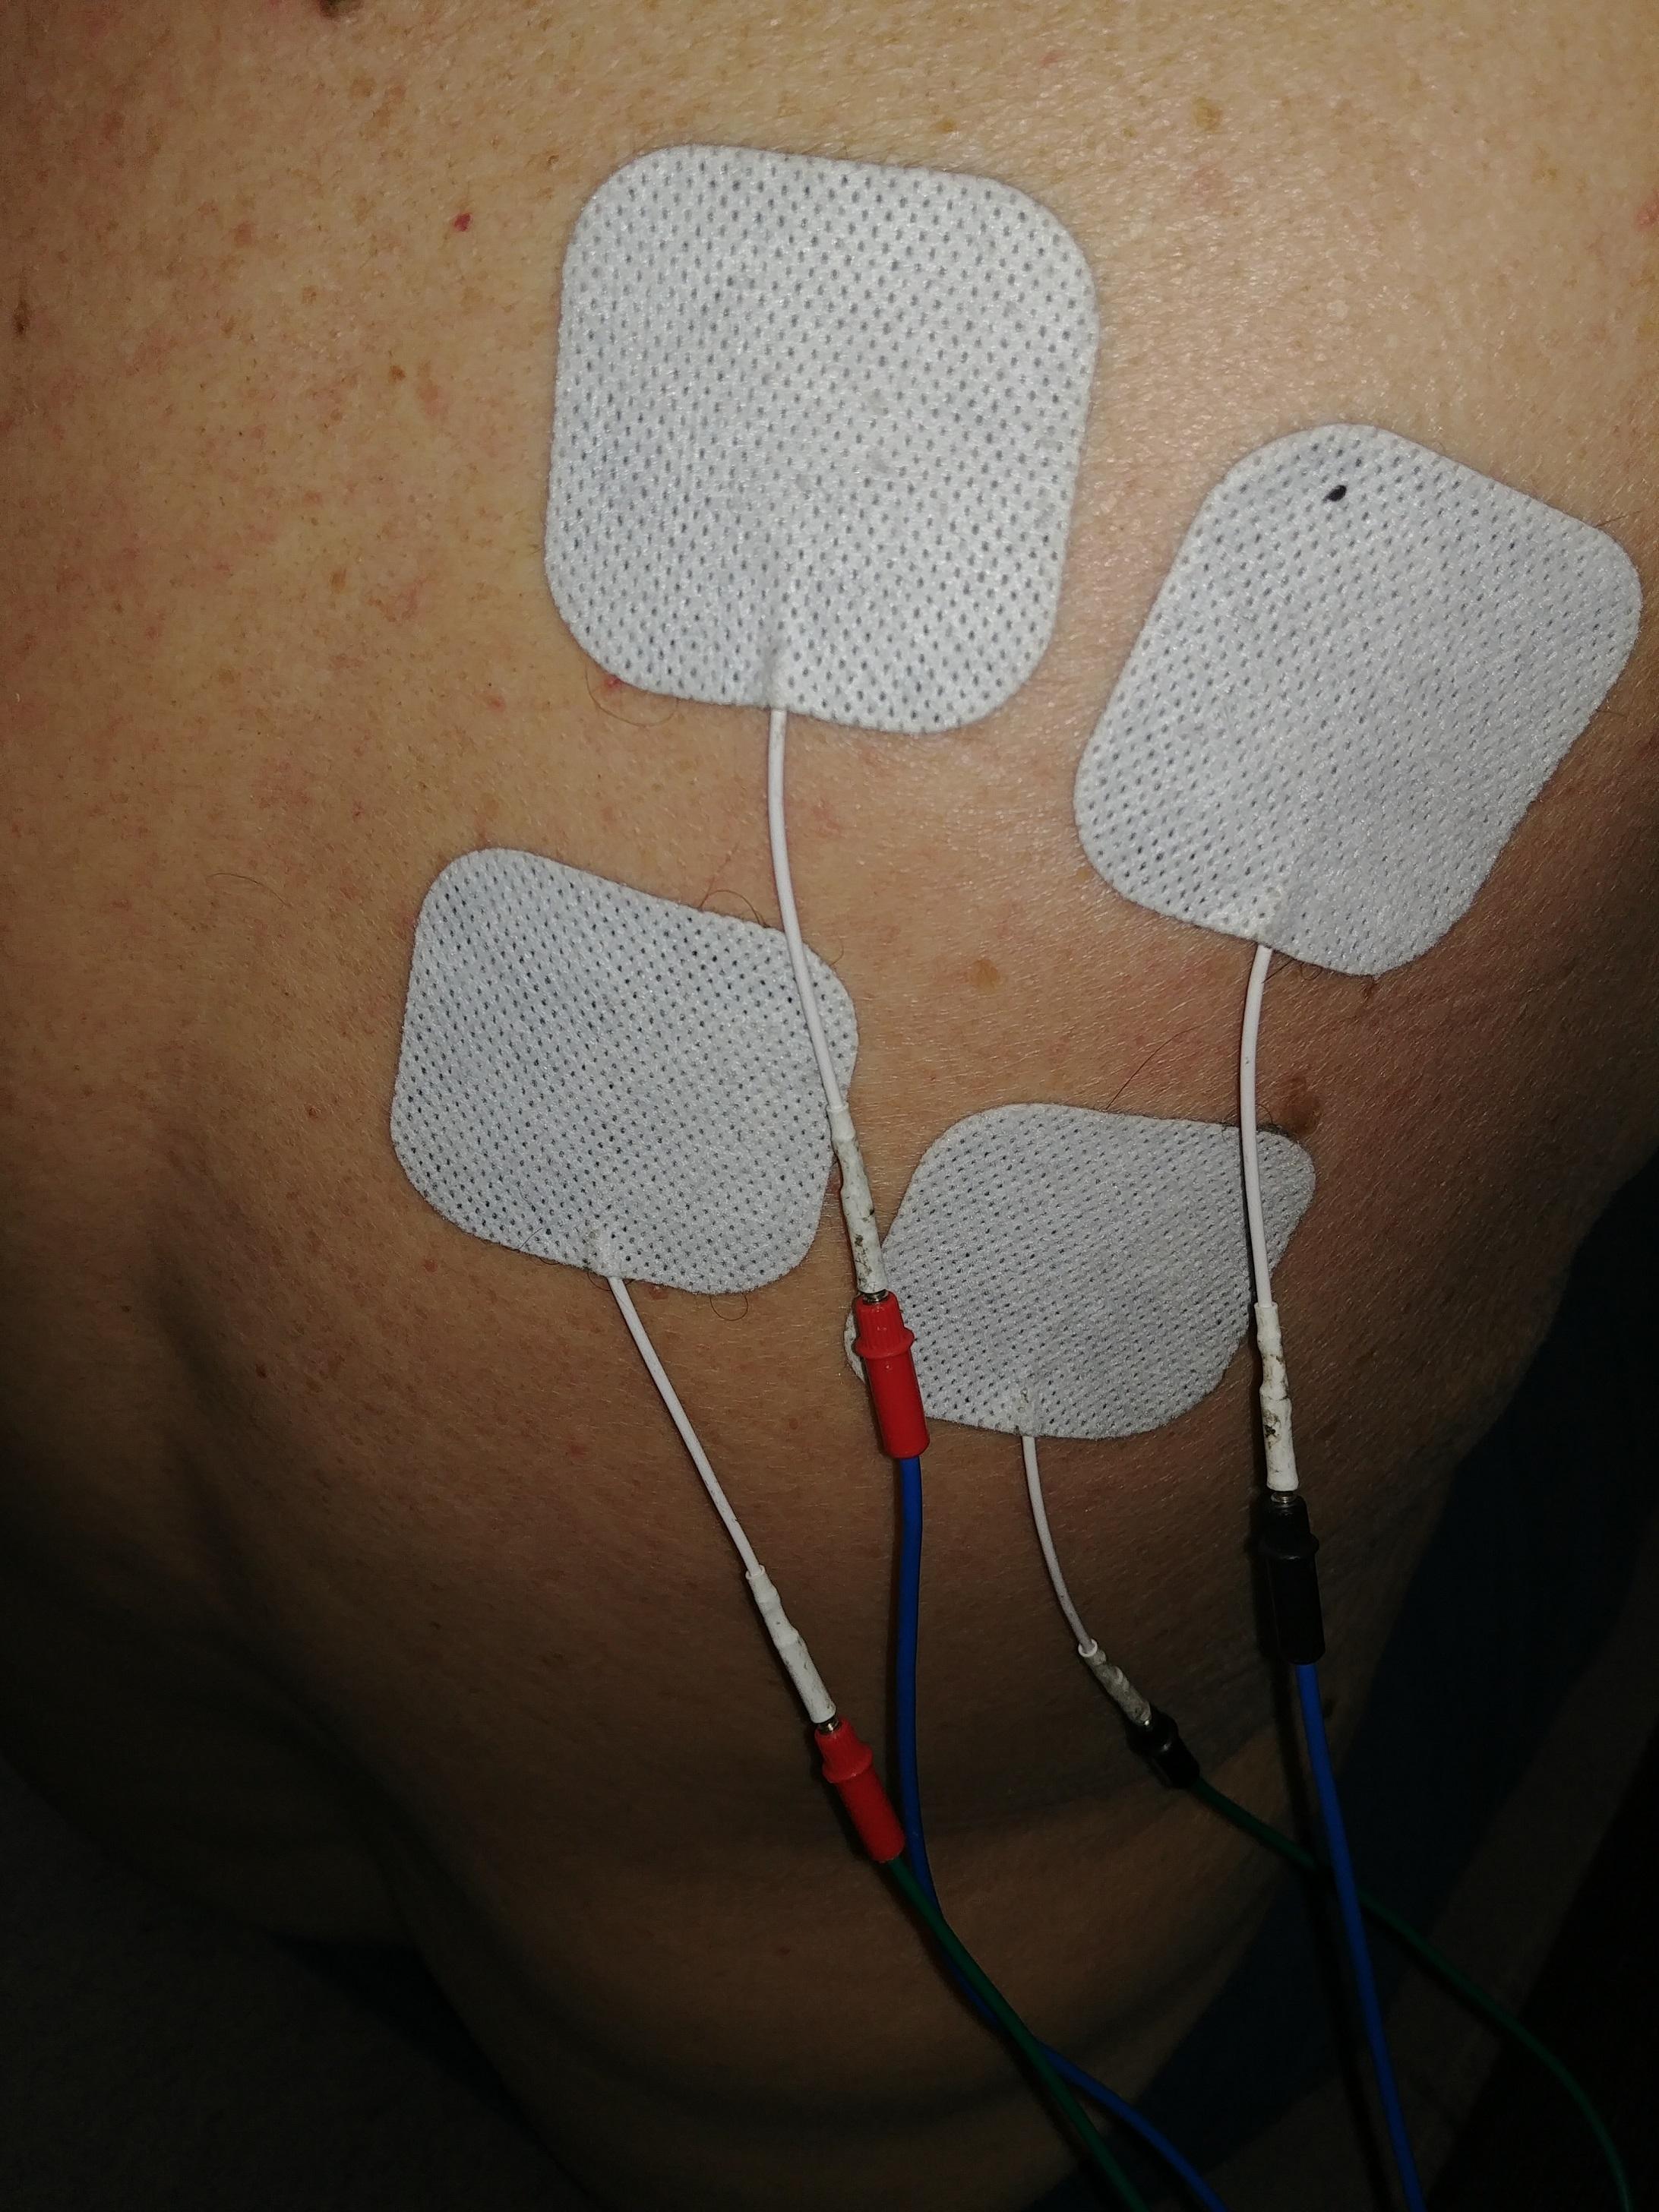 Fisioterapia Domiciliar - Eletroanalgesia ombro congelado